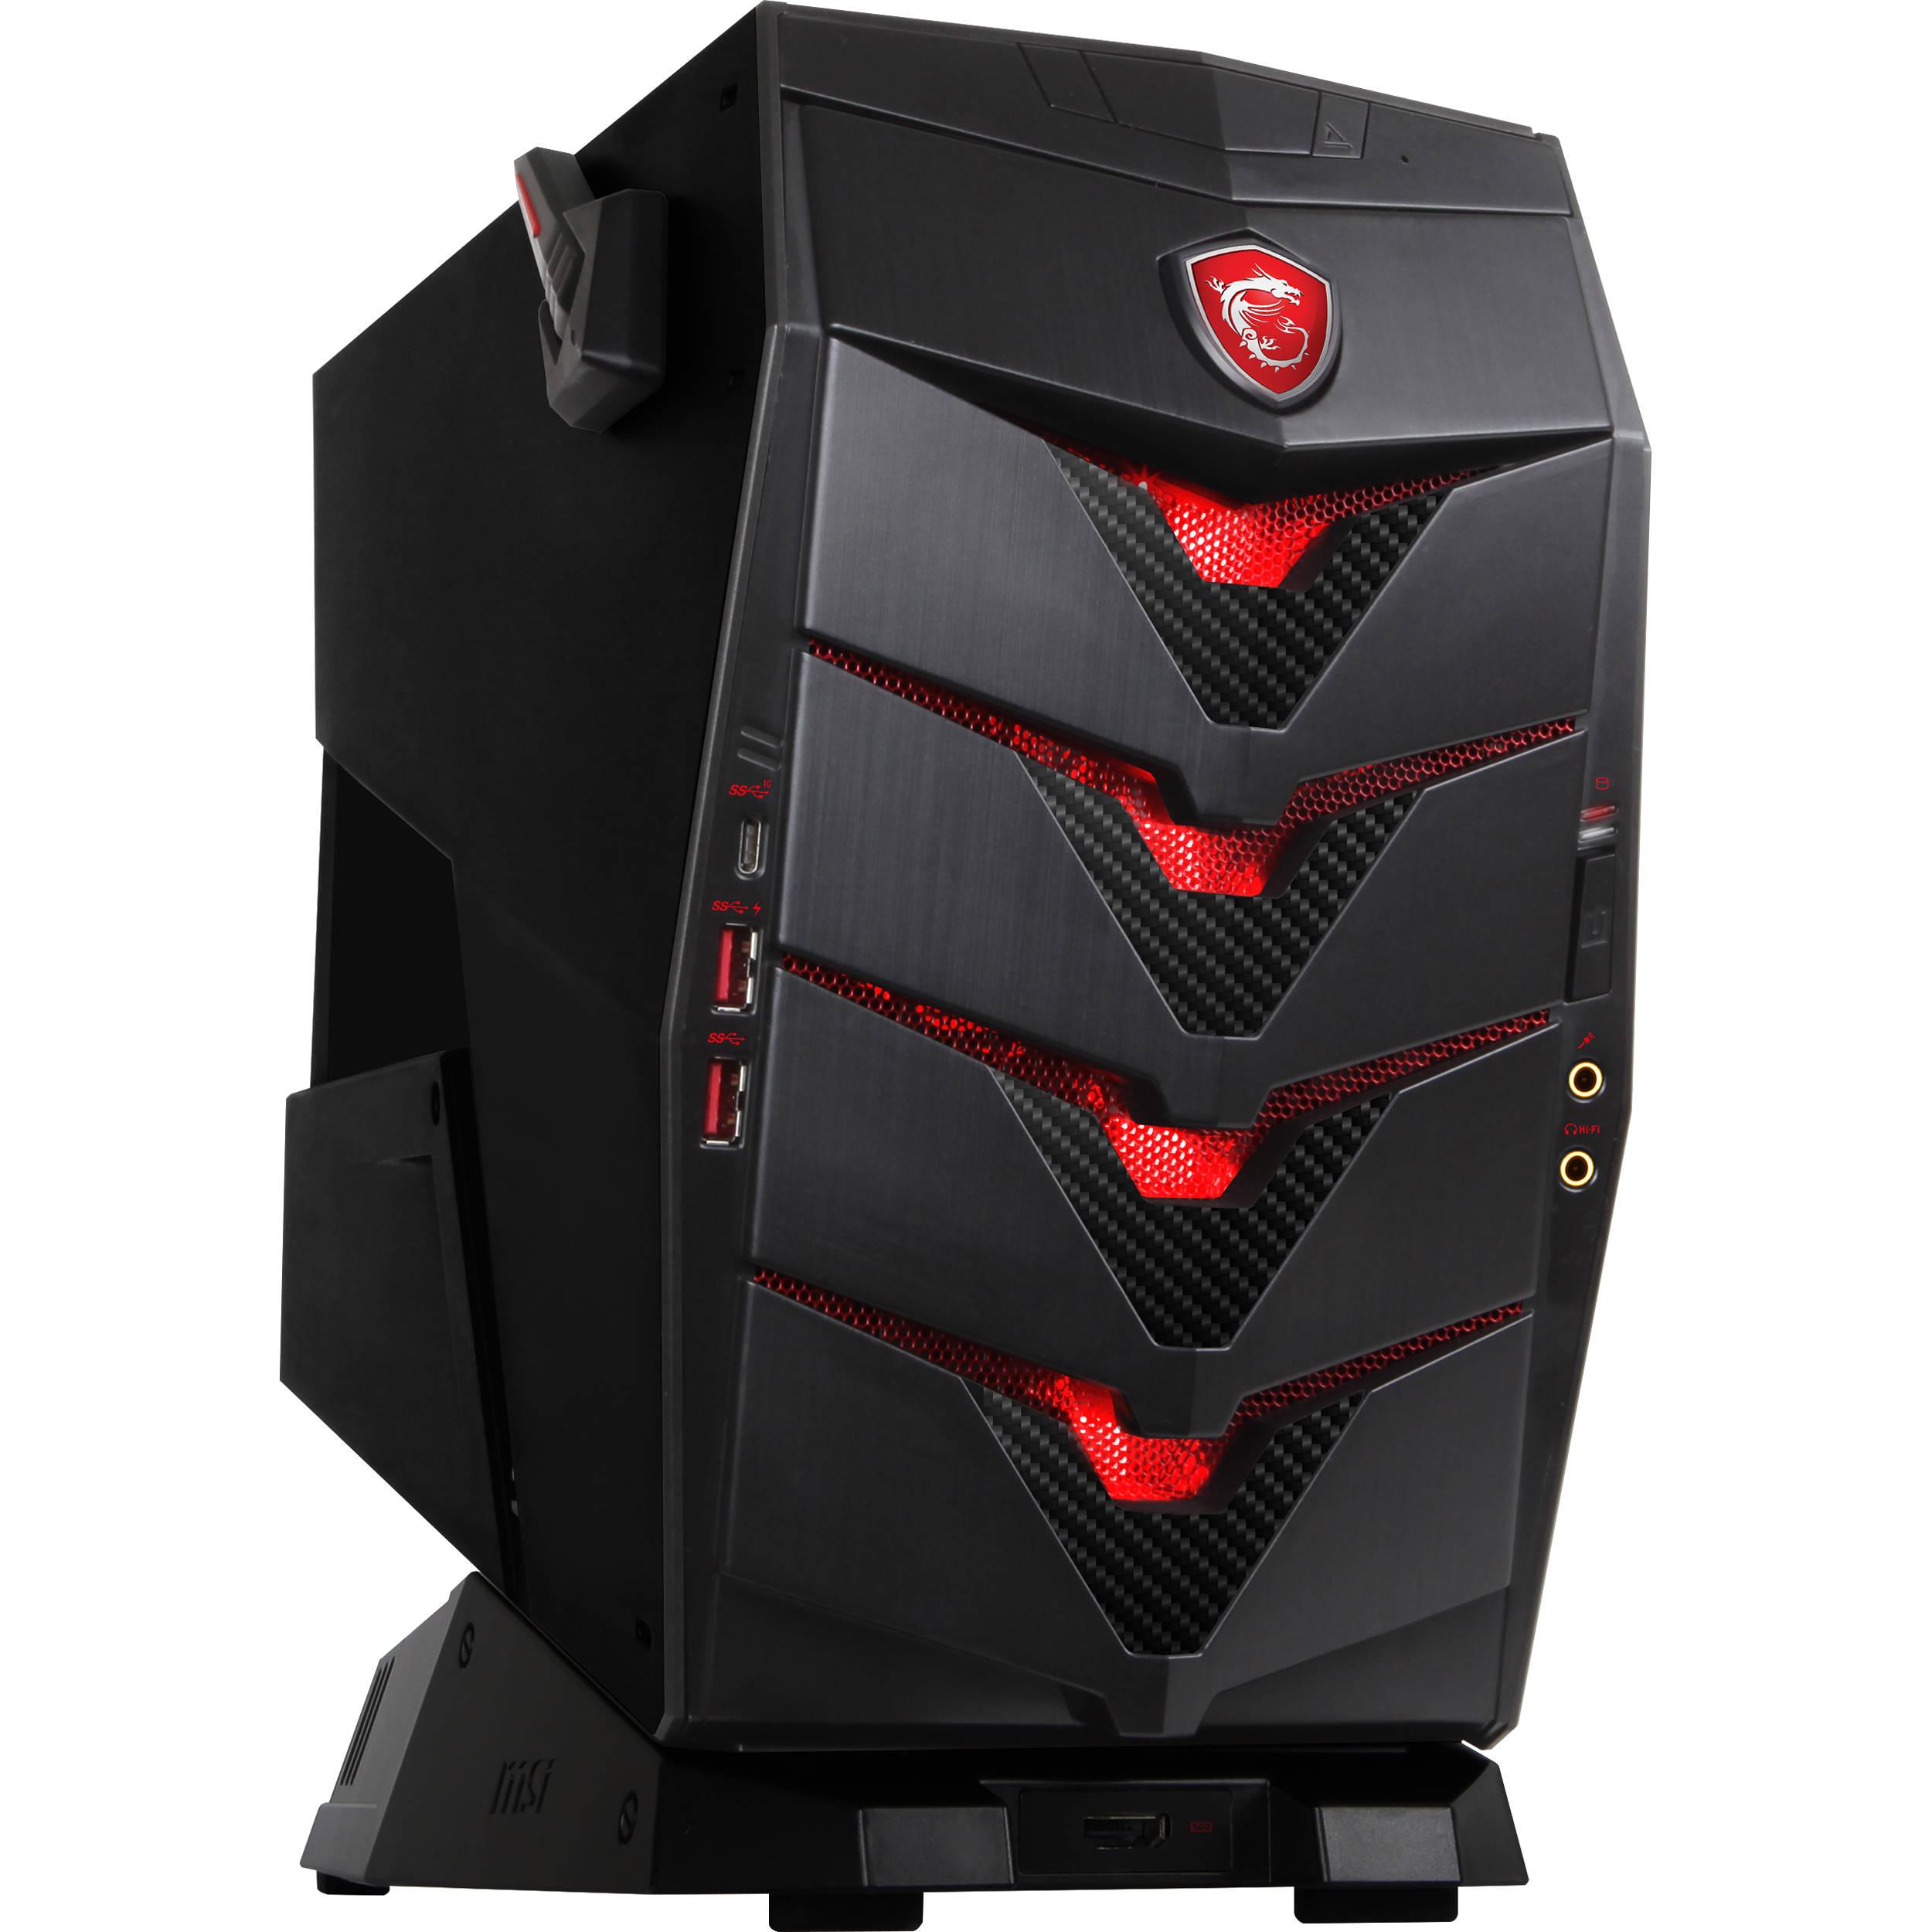 MSI Aegis X3 Gaming Desktop Computer